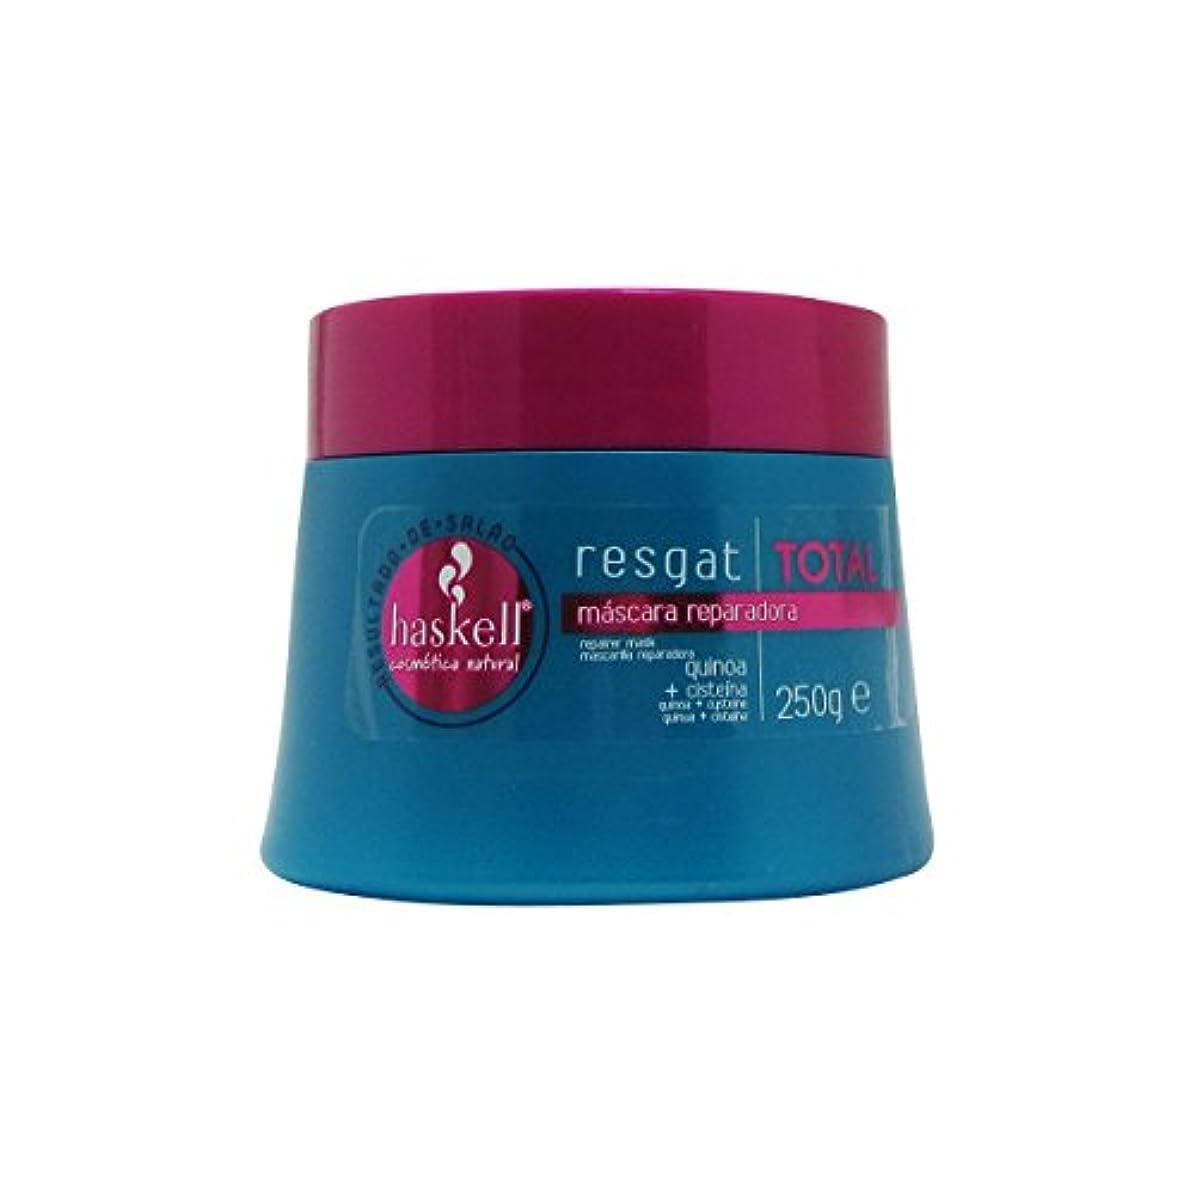 野生ウェーハ適切なHaskell Resgat Total Hair Mask 250g [並行輸入品]